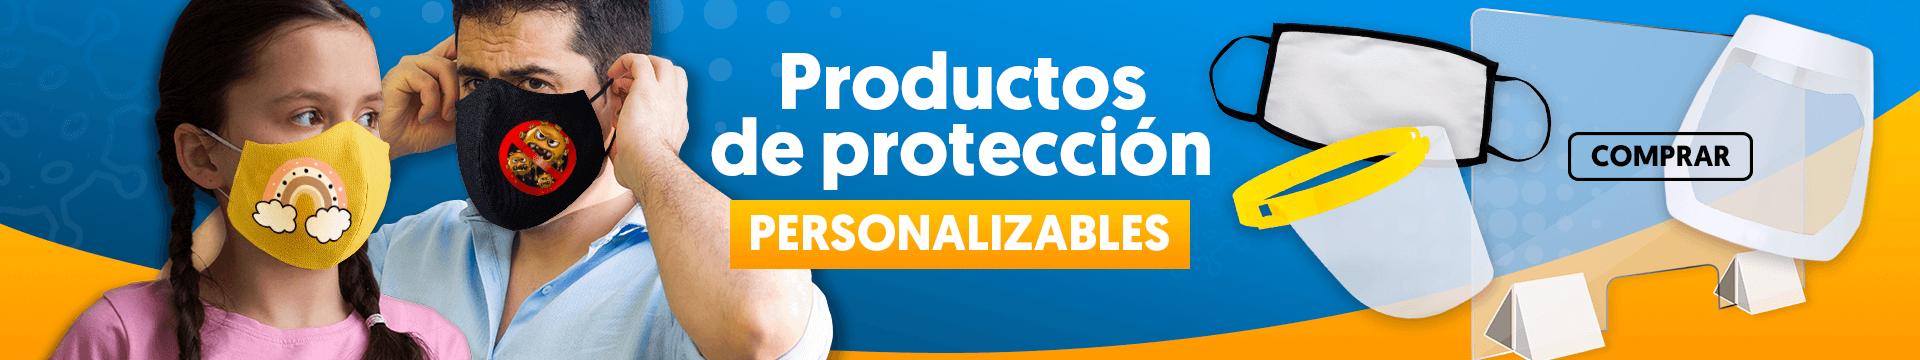 Productos de protección personalizables